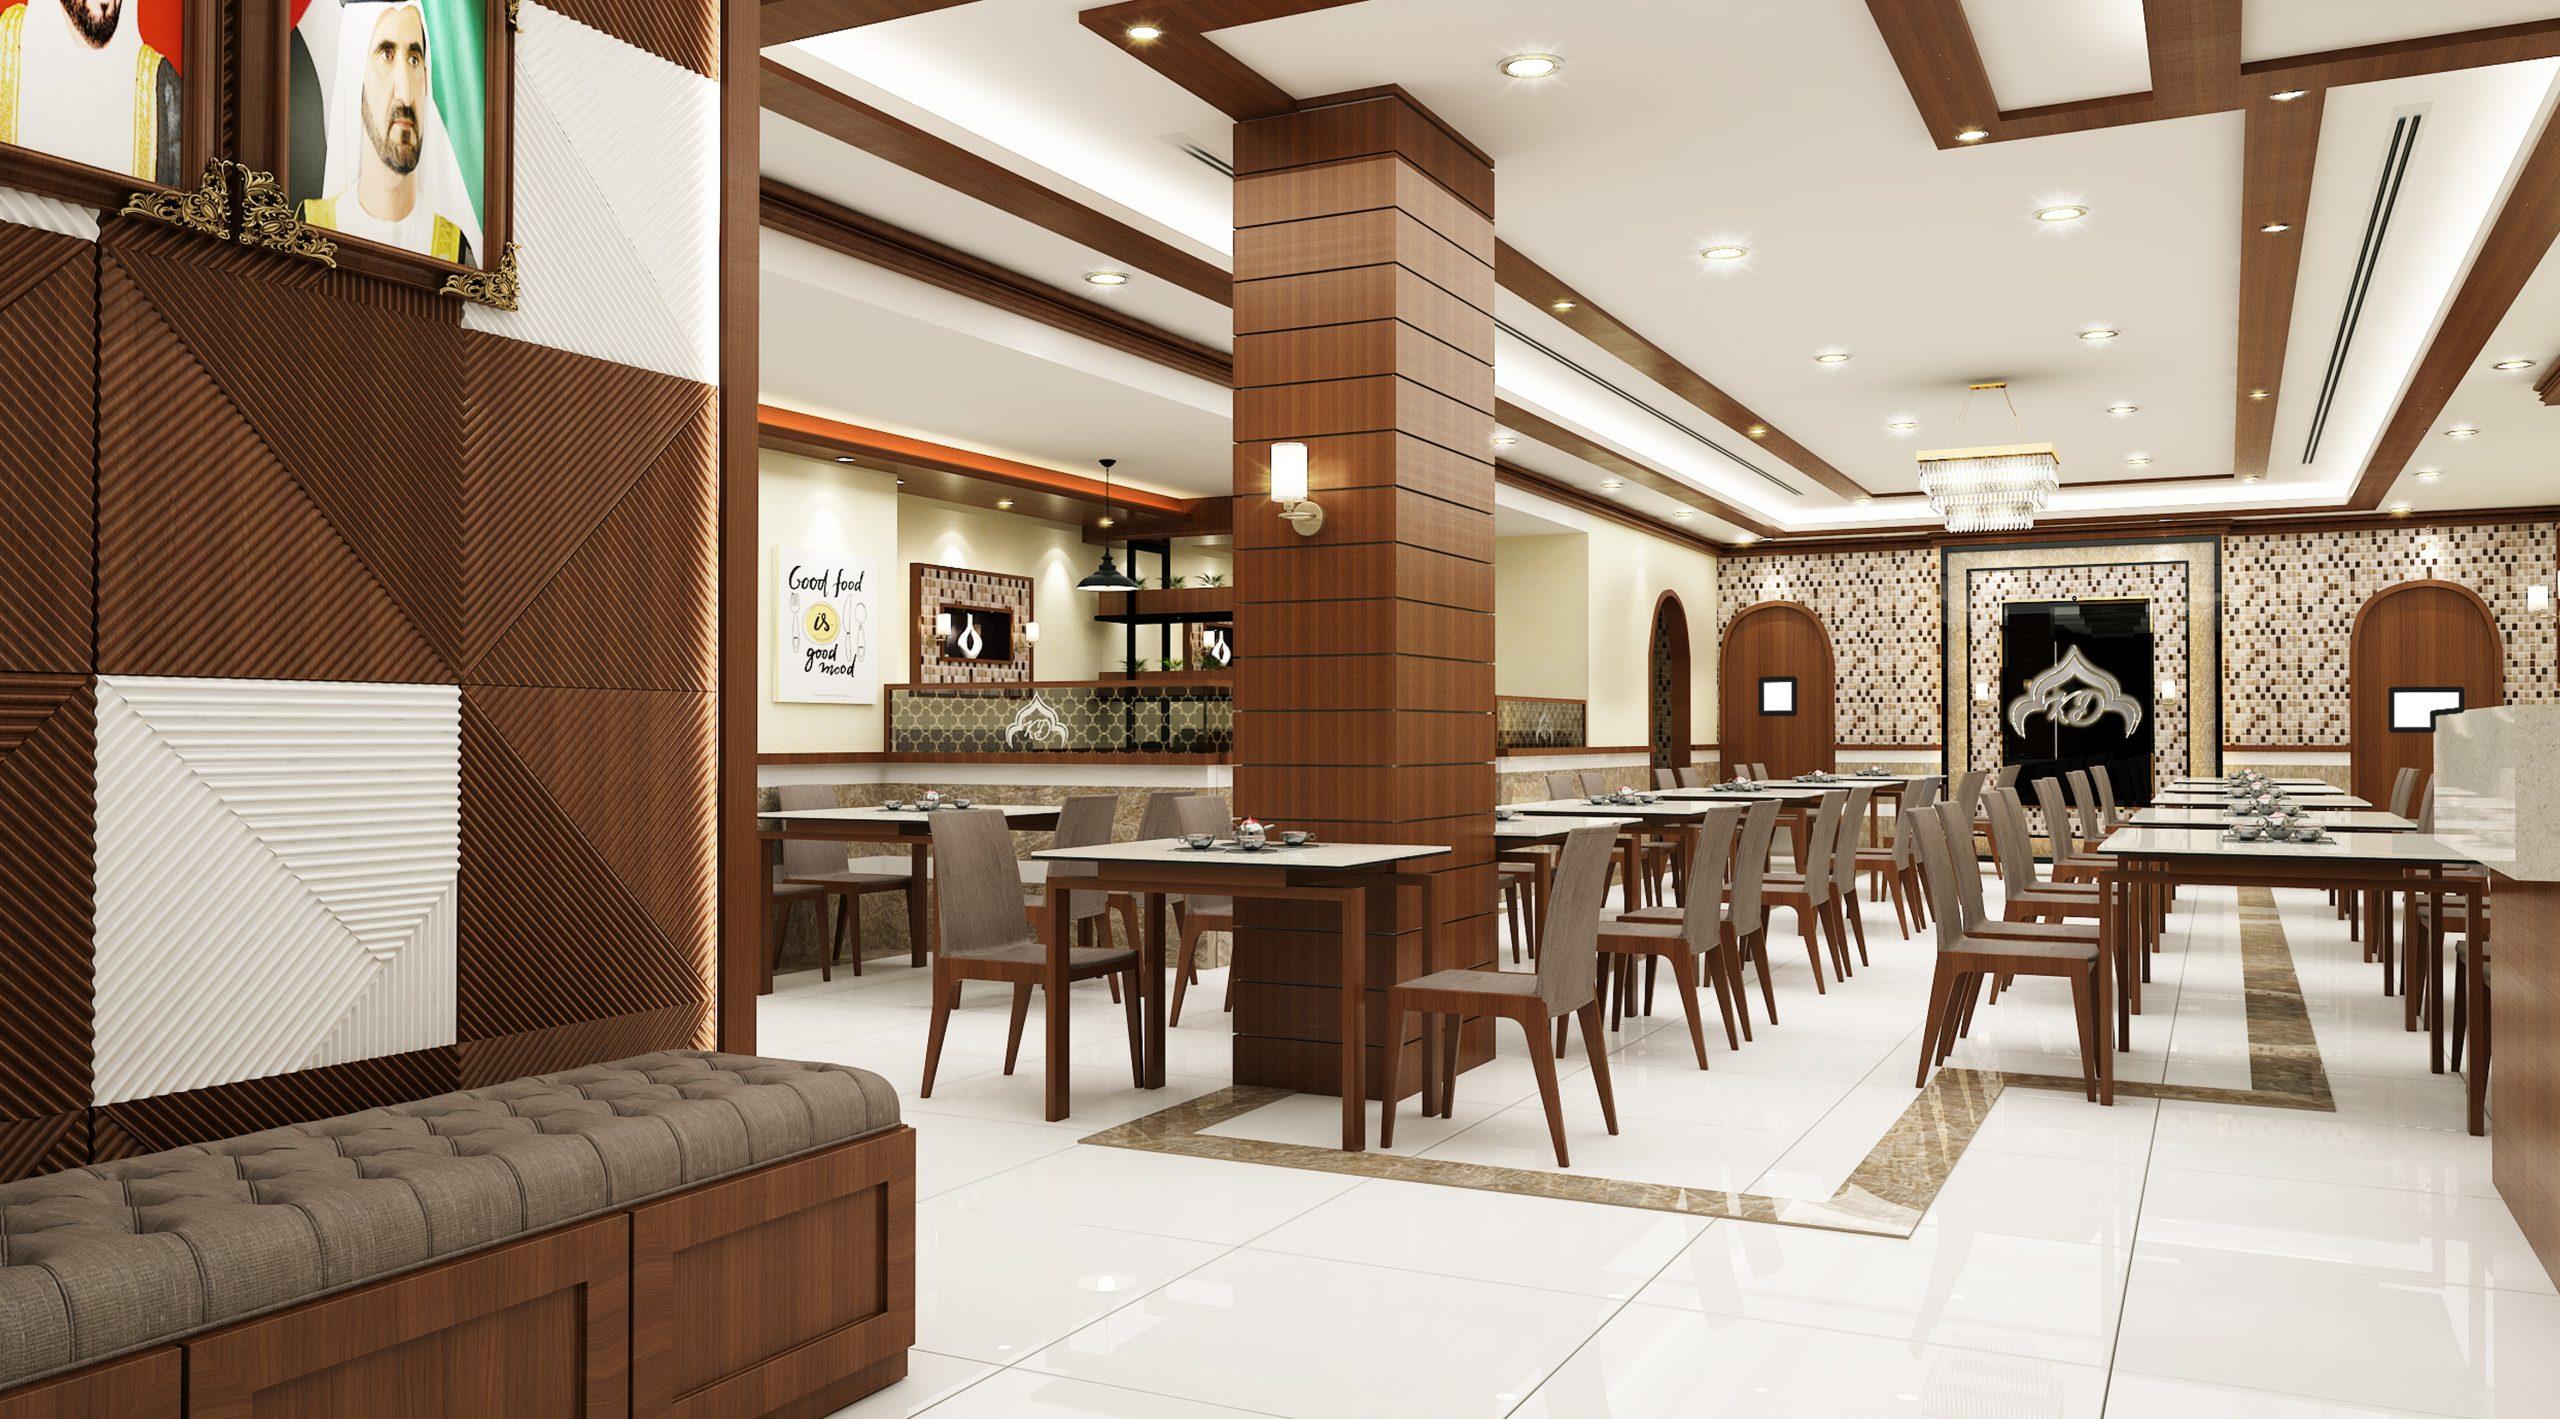 Karachi Darbar Restaurant - Bur Dubai